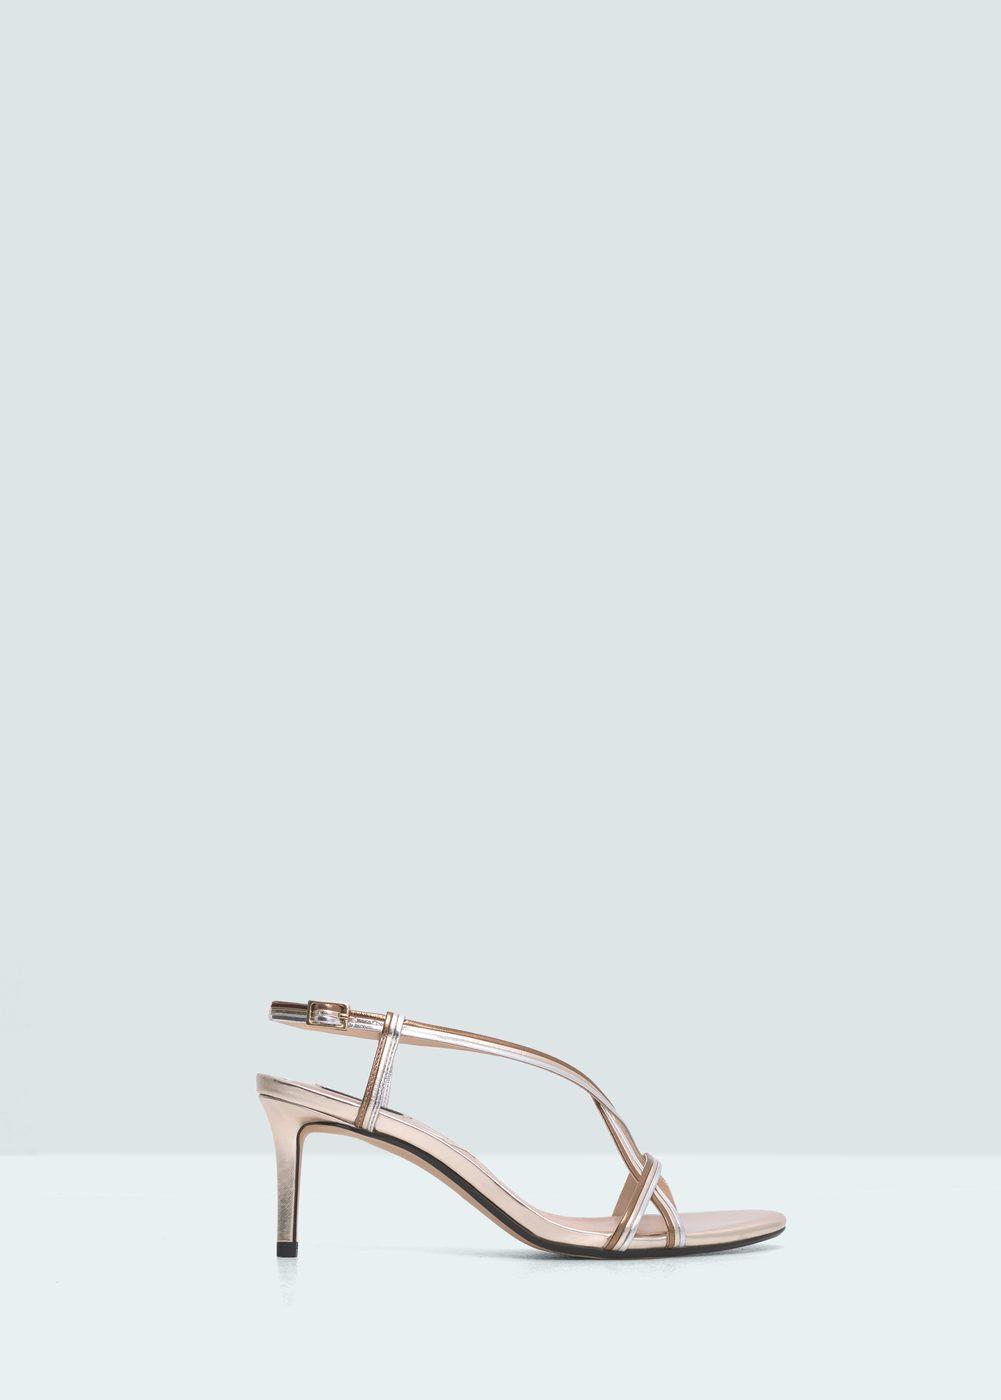 ff7faee0e74dd Sandalia tiras metalizada - Zapatos de Mujer